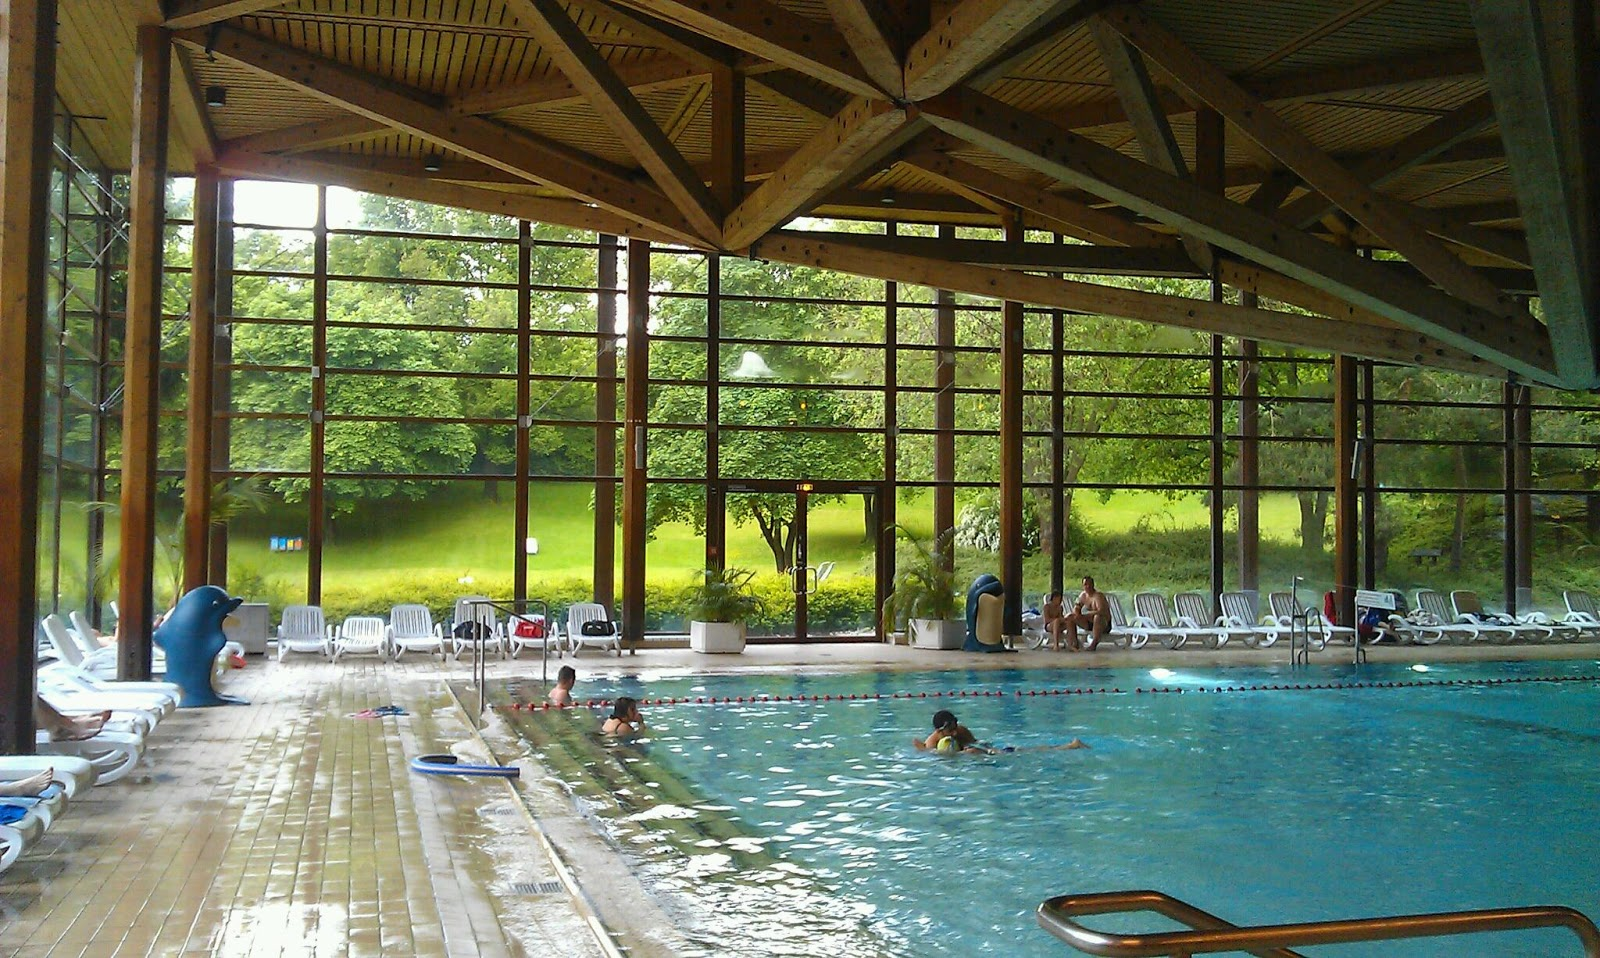 Una piscina cubierta en m nich para estos d as tontos de - Piscinas cubiertas alcobendas ...